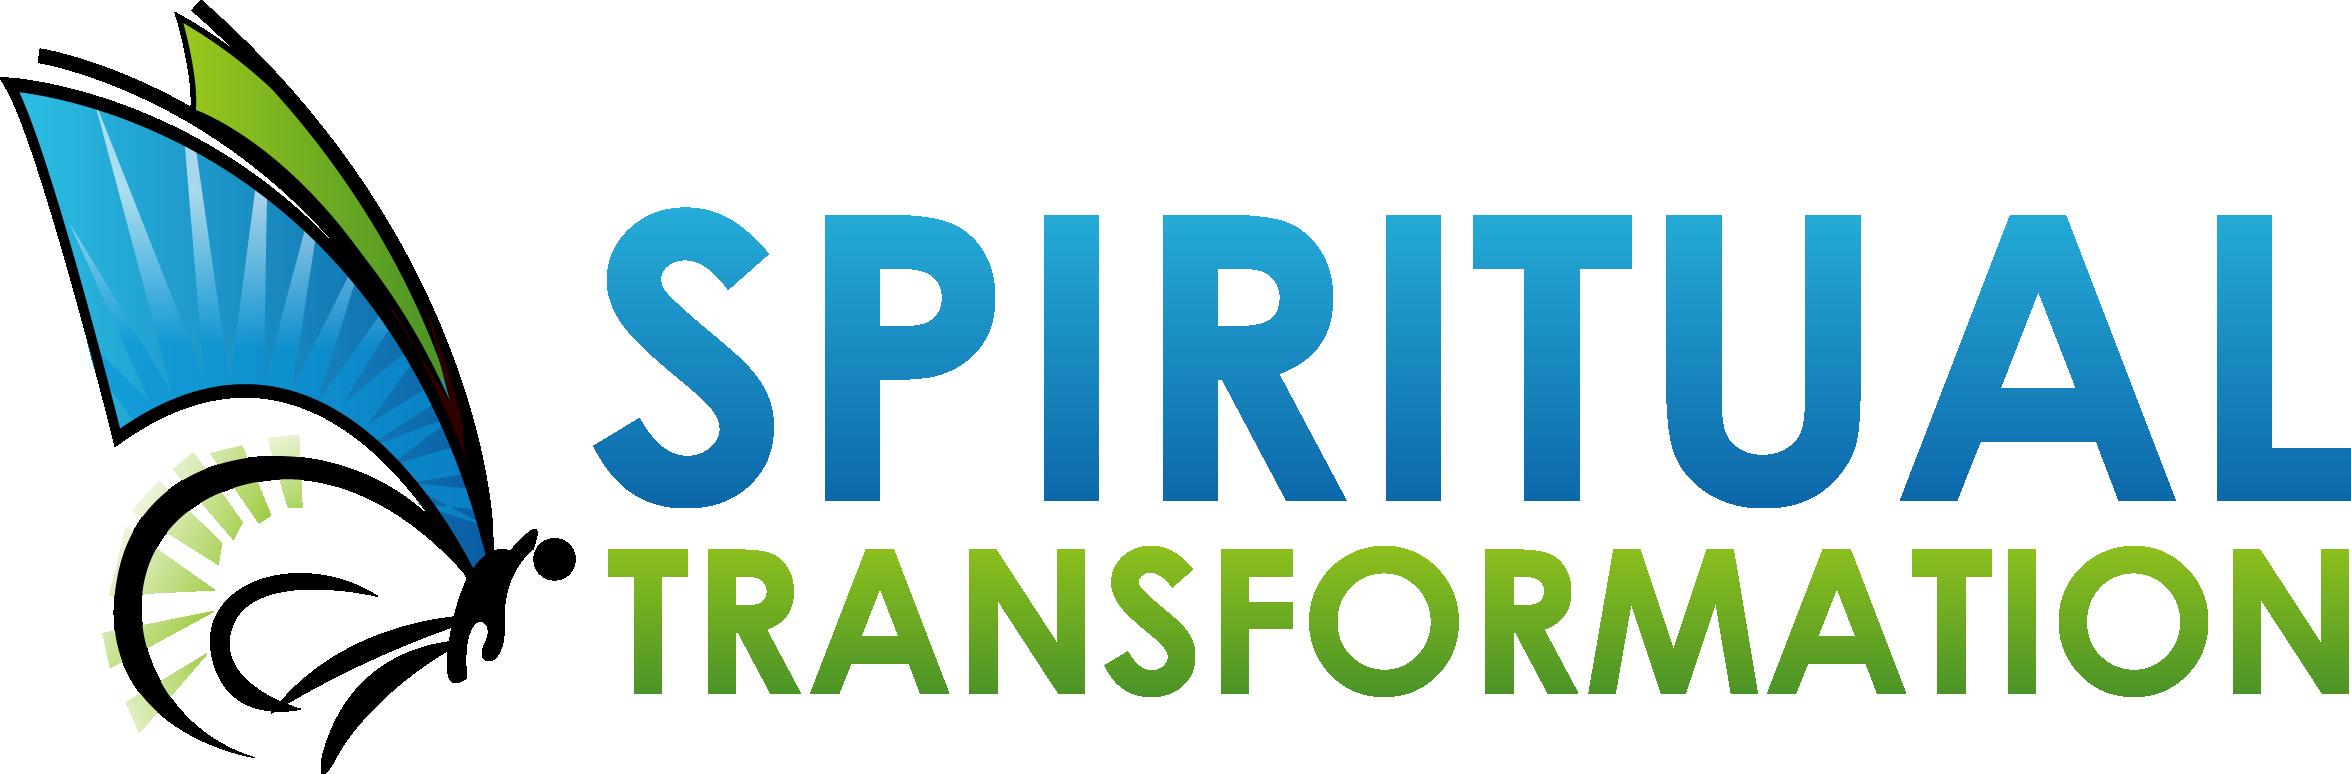 Spiritual Transformation Courses